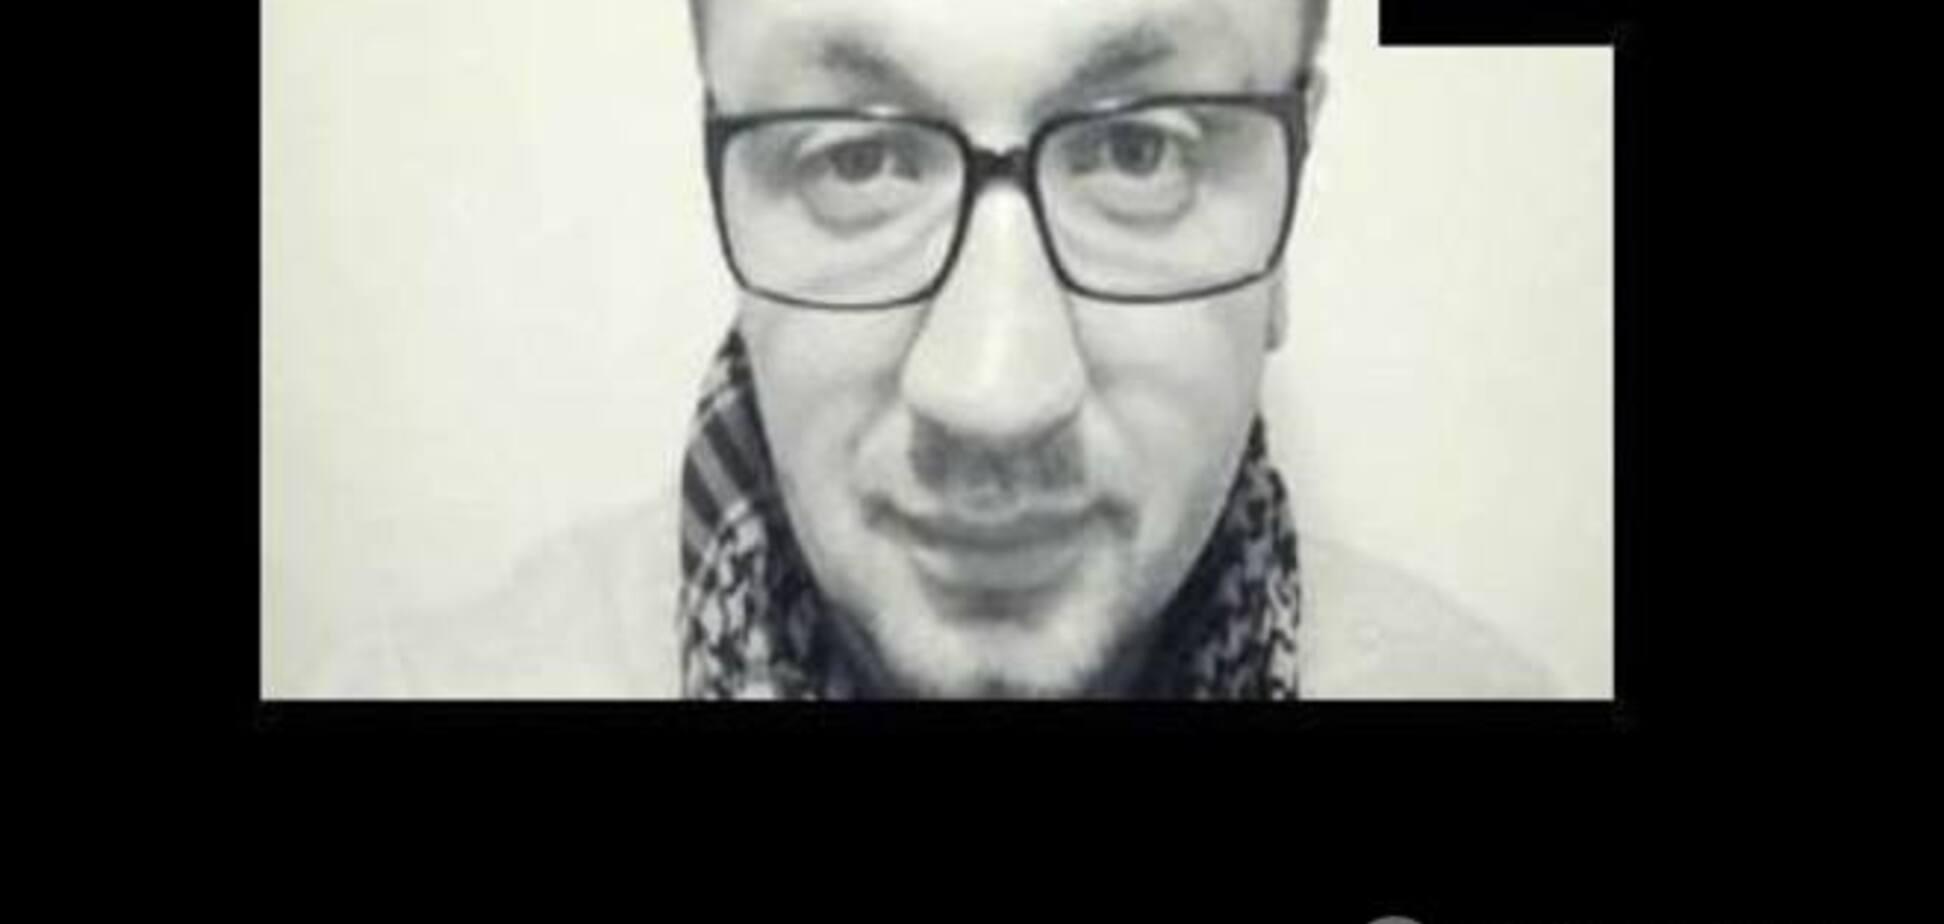 Луганский экс-налоговик: Ефремов до сих пор на свободе из-за халатности правоохранительных органов